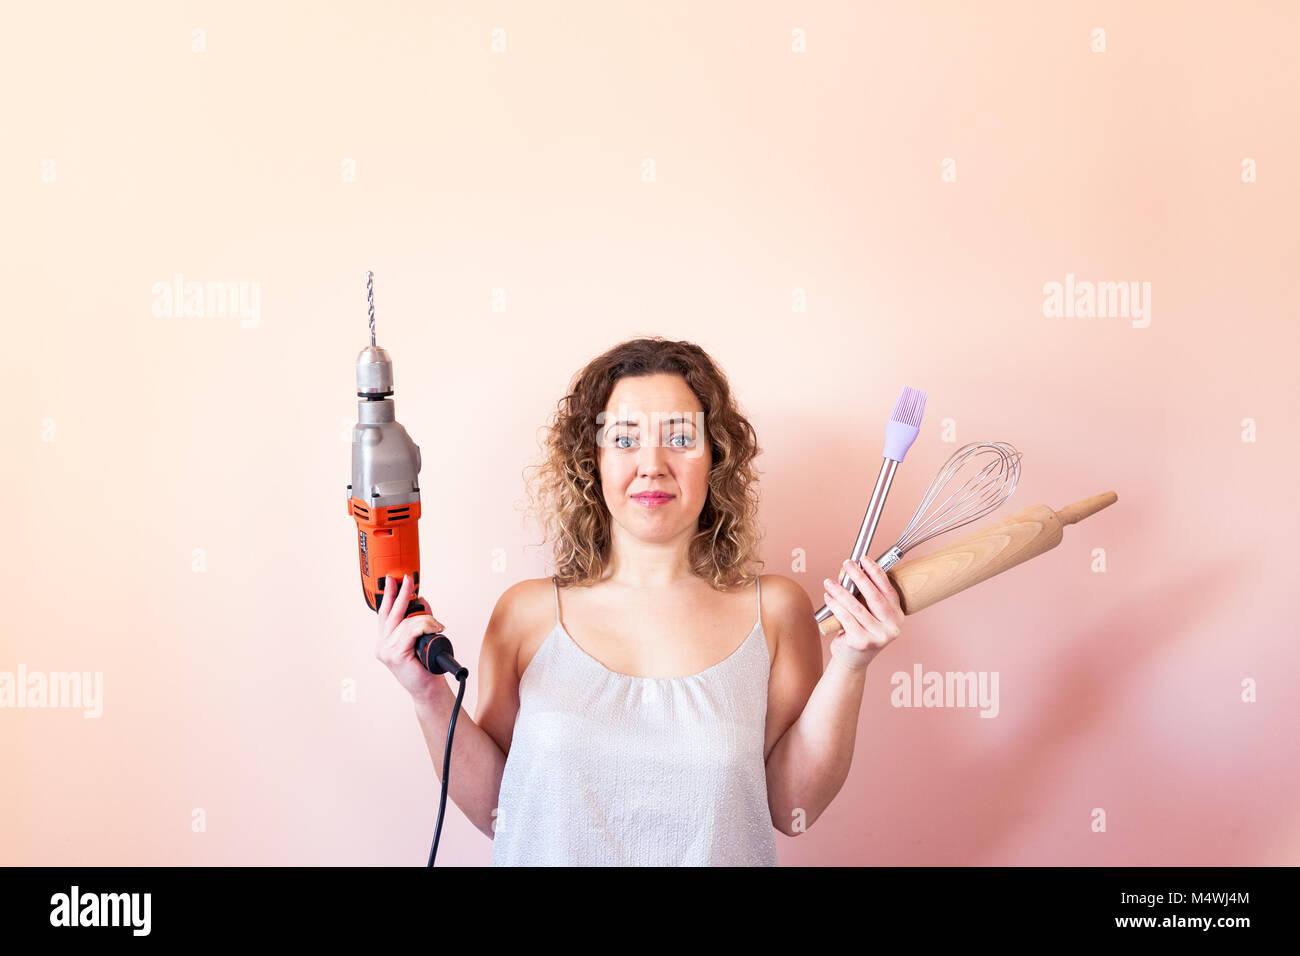 Bella donna ricci azienda uomo trapanatore e utensili per la cucina. La parità tra i sessi, la giornata della donna concetto. Foto Stock